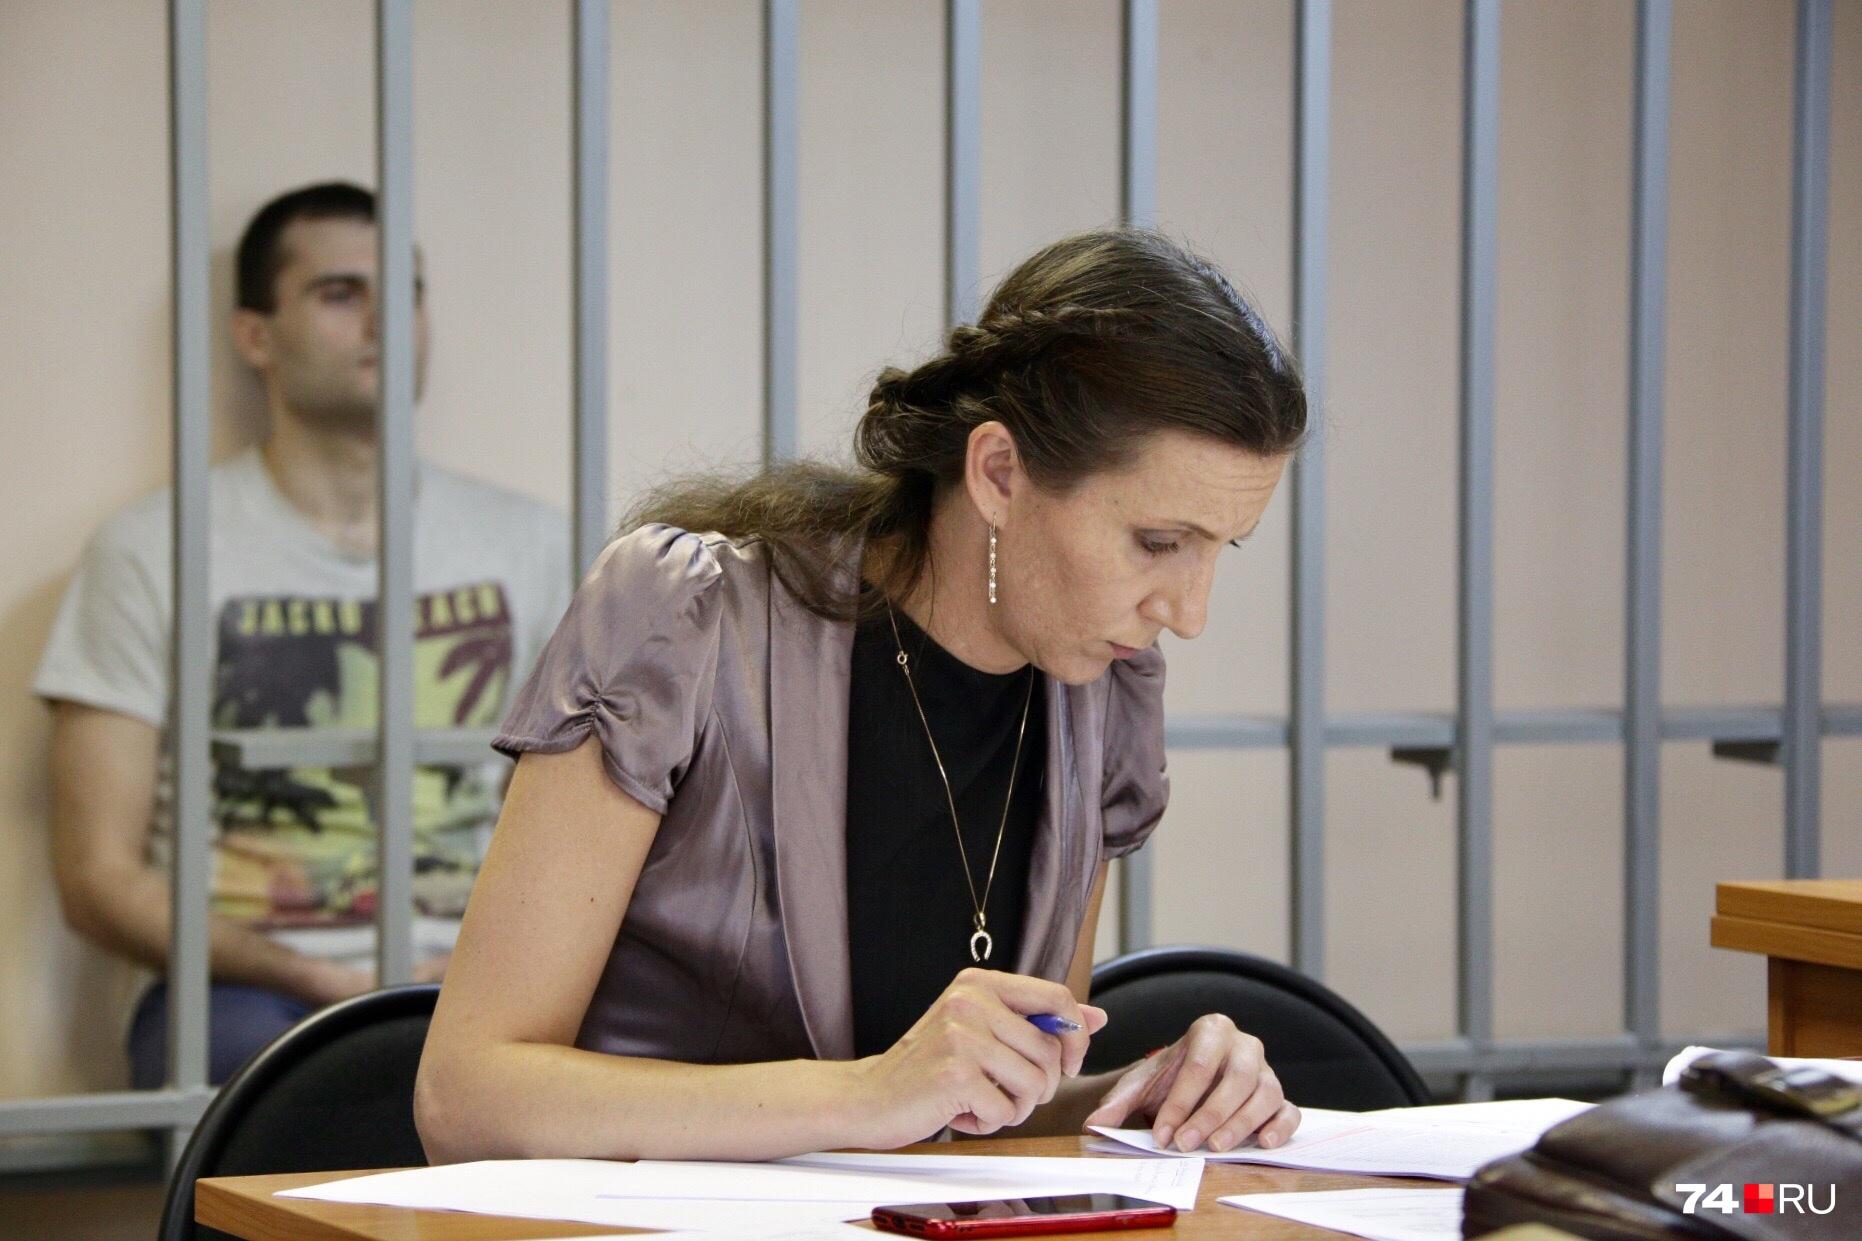 Антон Коновалов всё заседание был спокоен и внимательно слушал, что говорят потерпевшие и свидетели